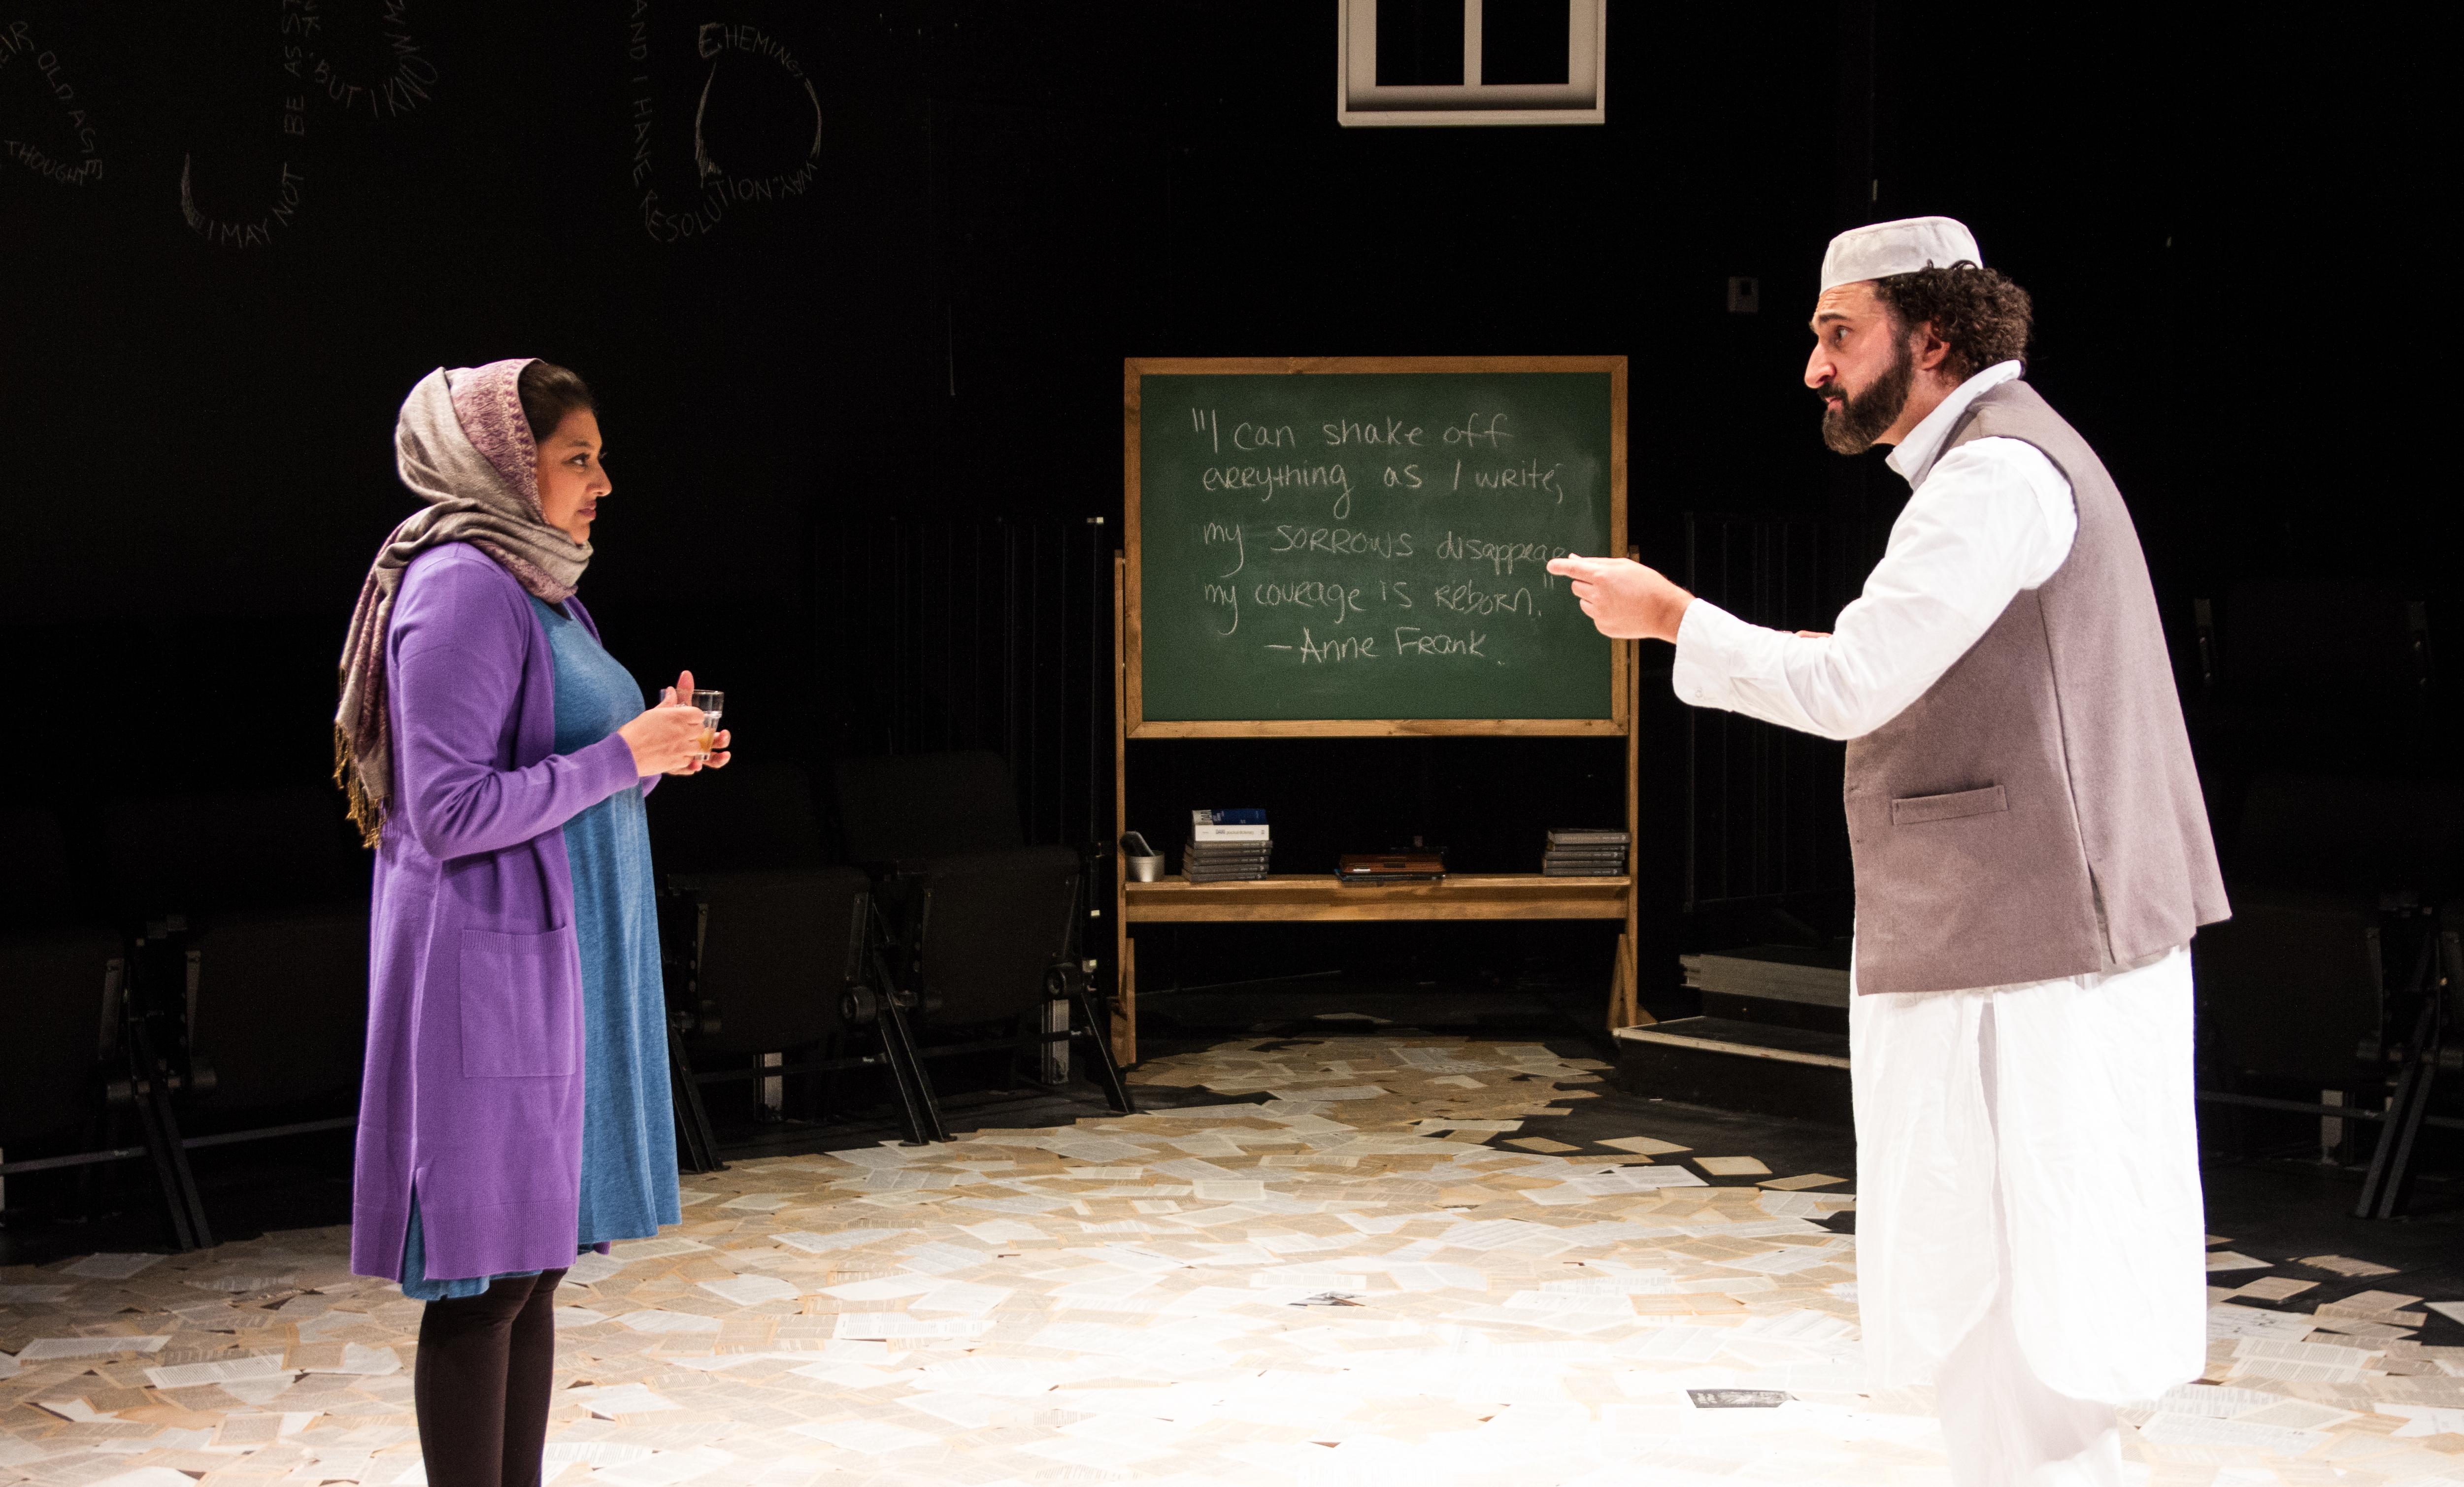 Geetee and Nazrullah